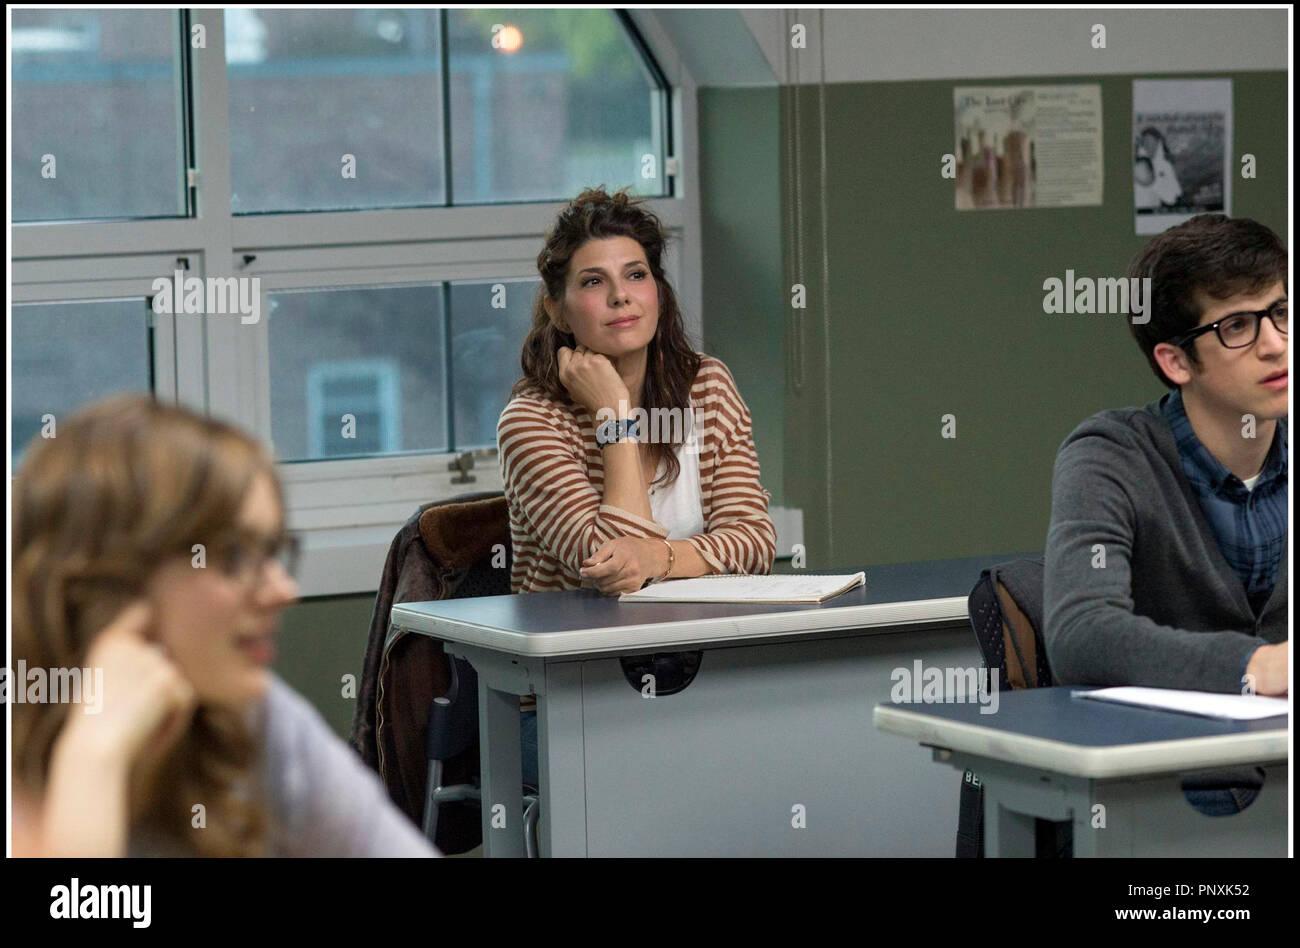 Prod DB © Castle Rock Entertainment / DR THE REWRITE de Marc Lawrence 2014 USA avec Marisa Tomei - Stock Image